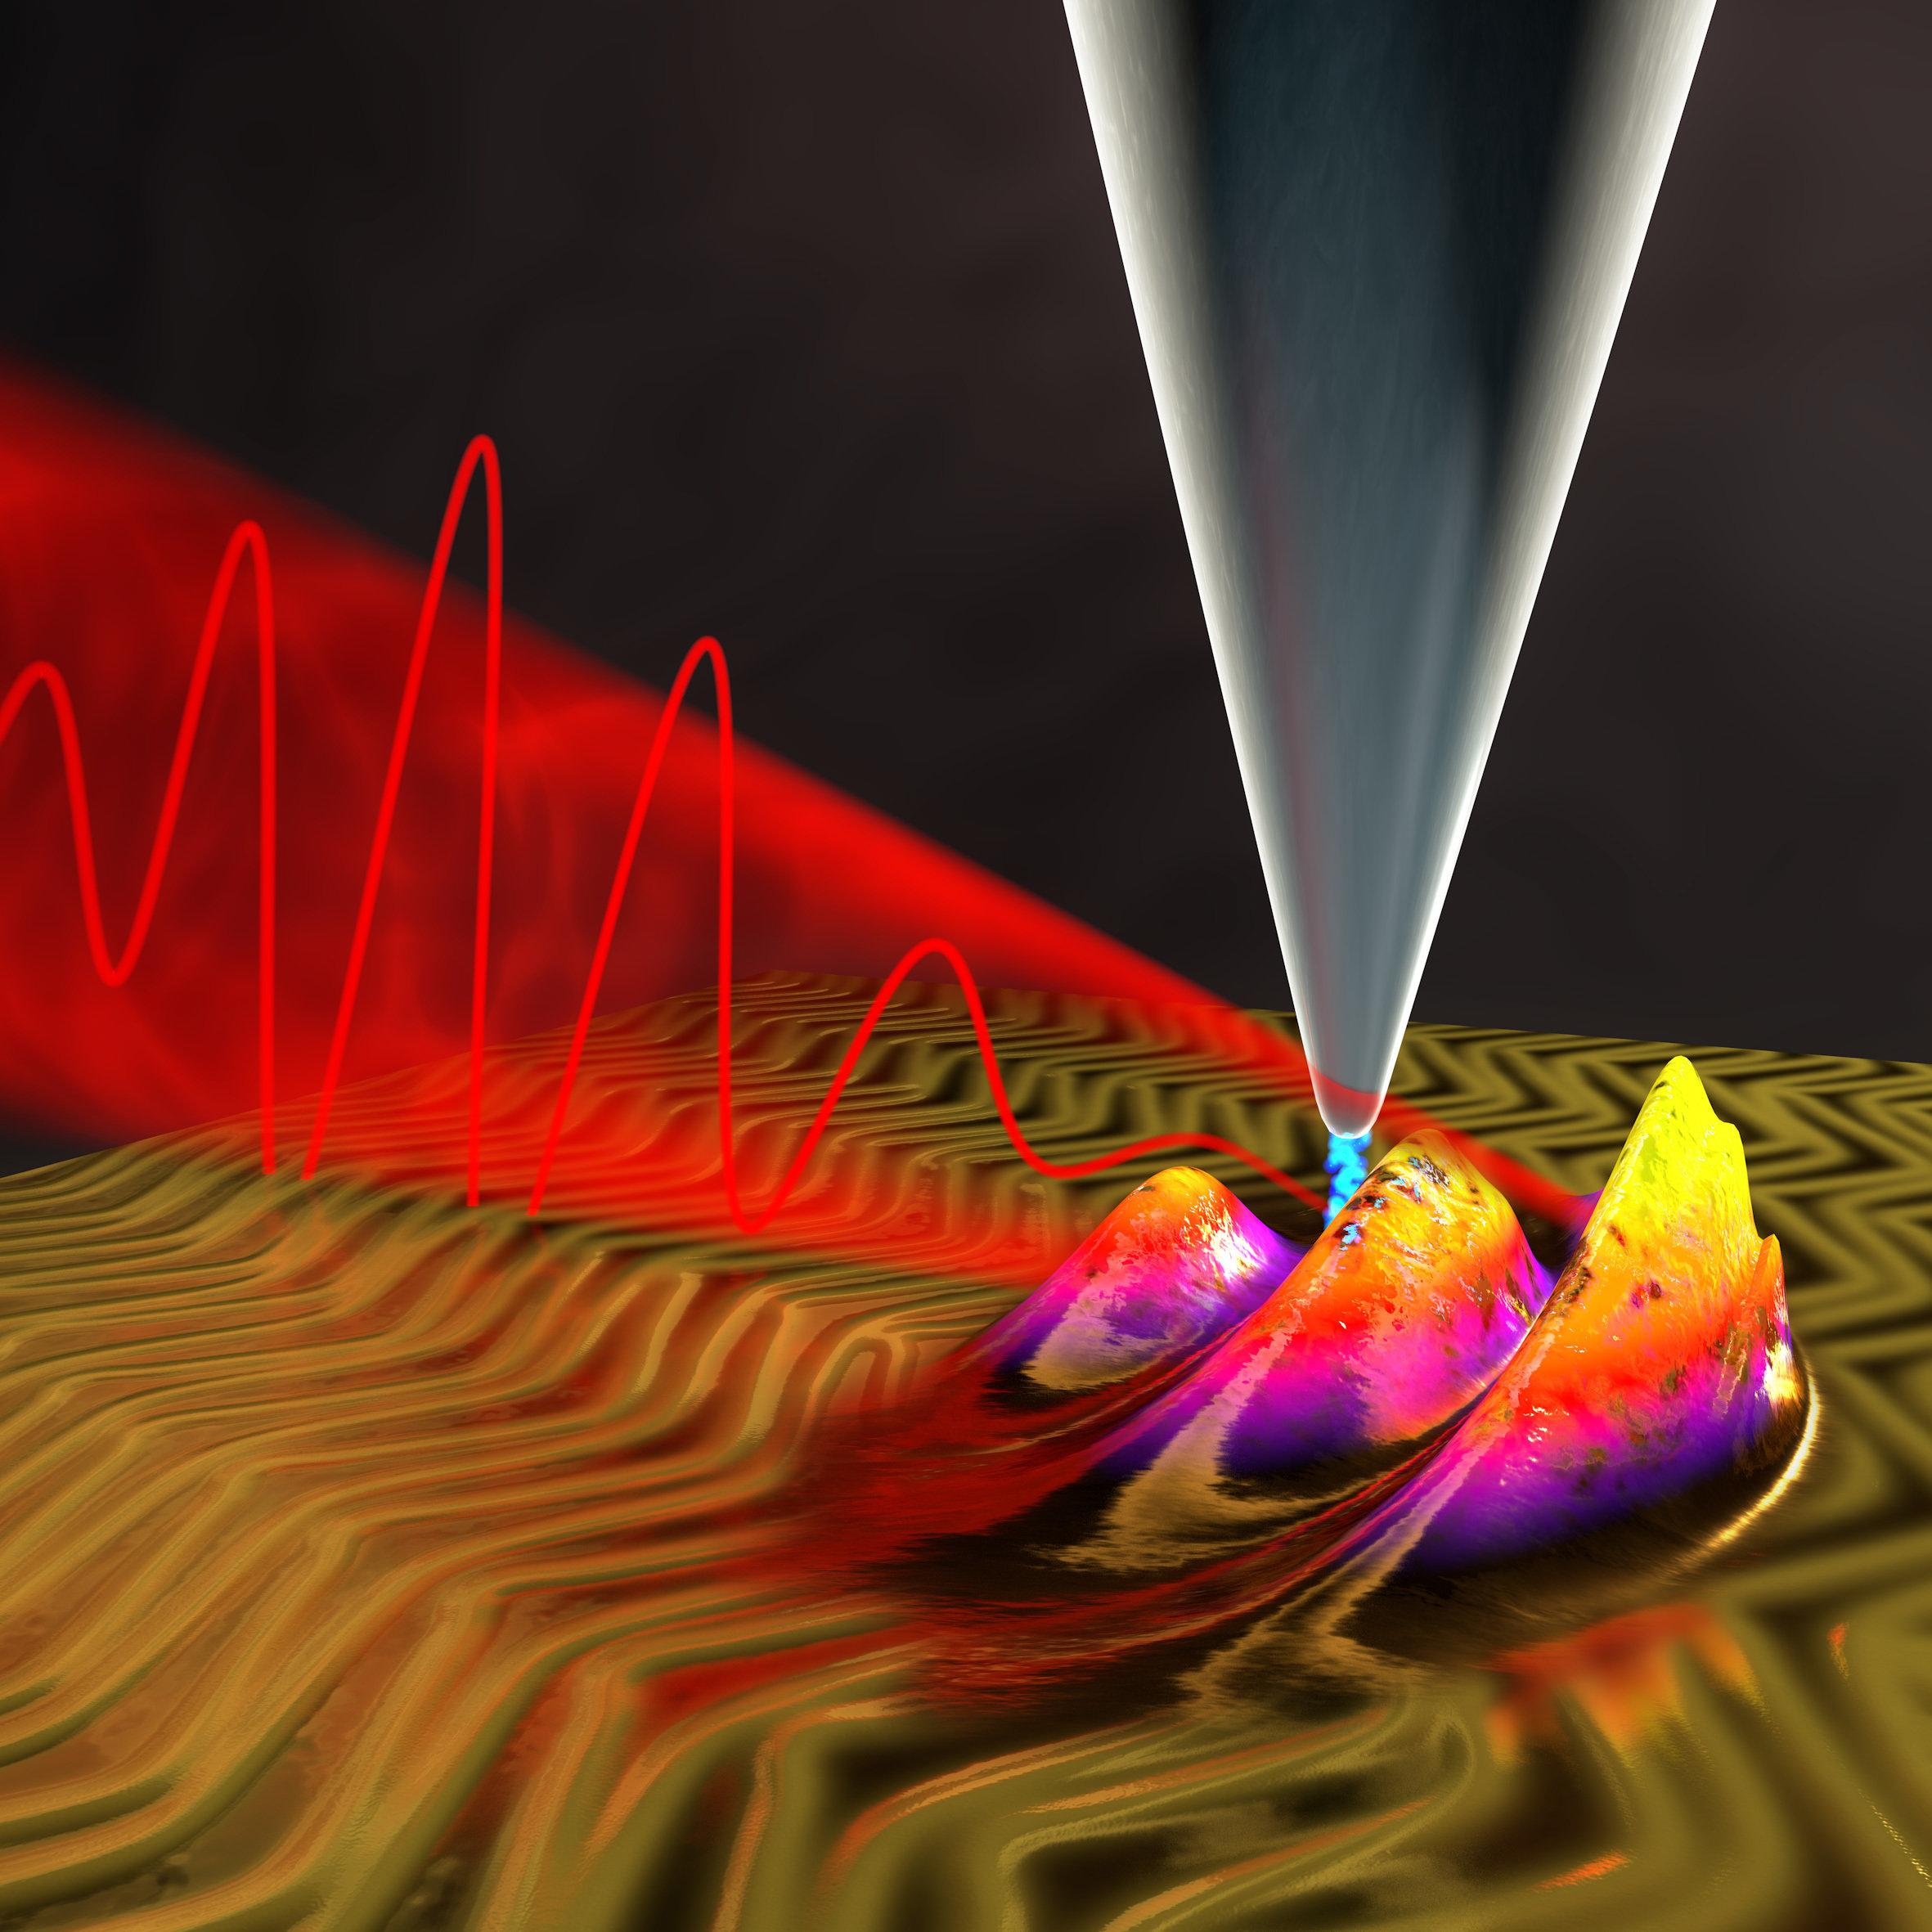 ultra-fast quantum microscope